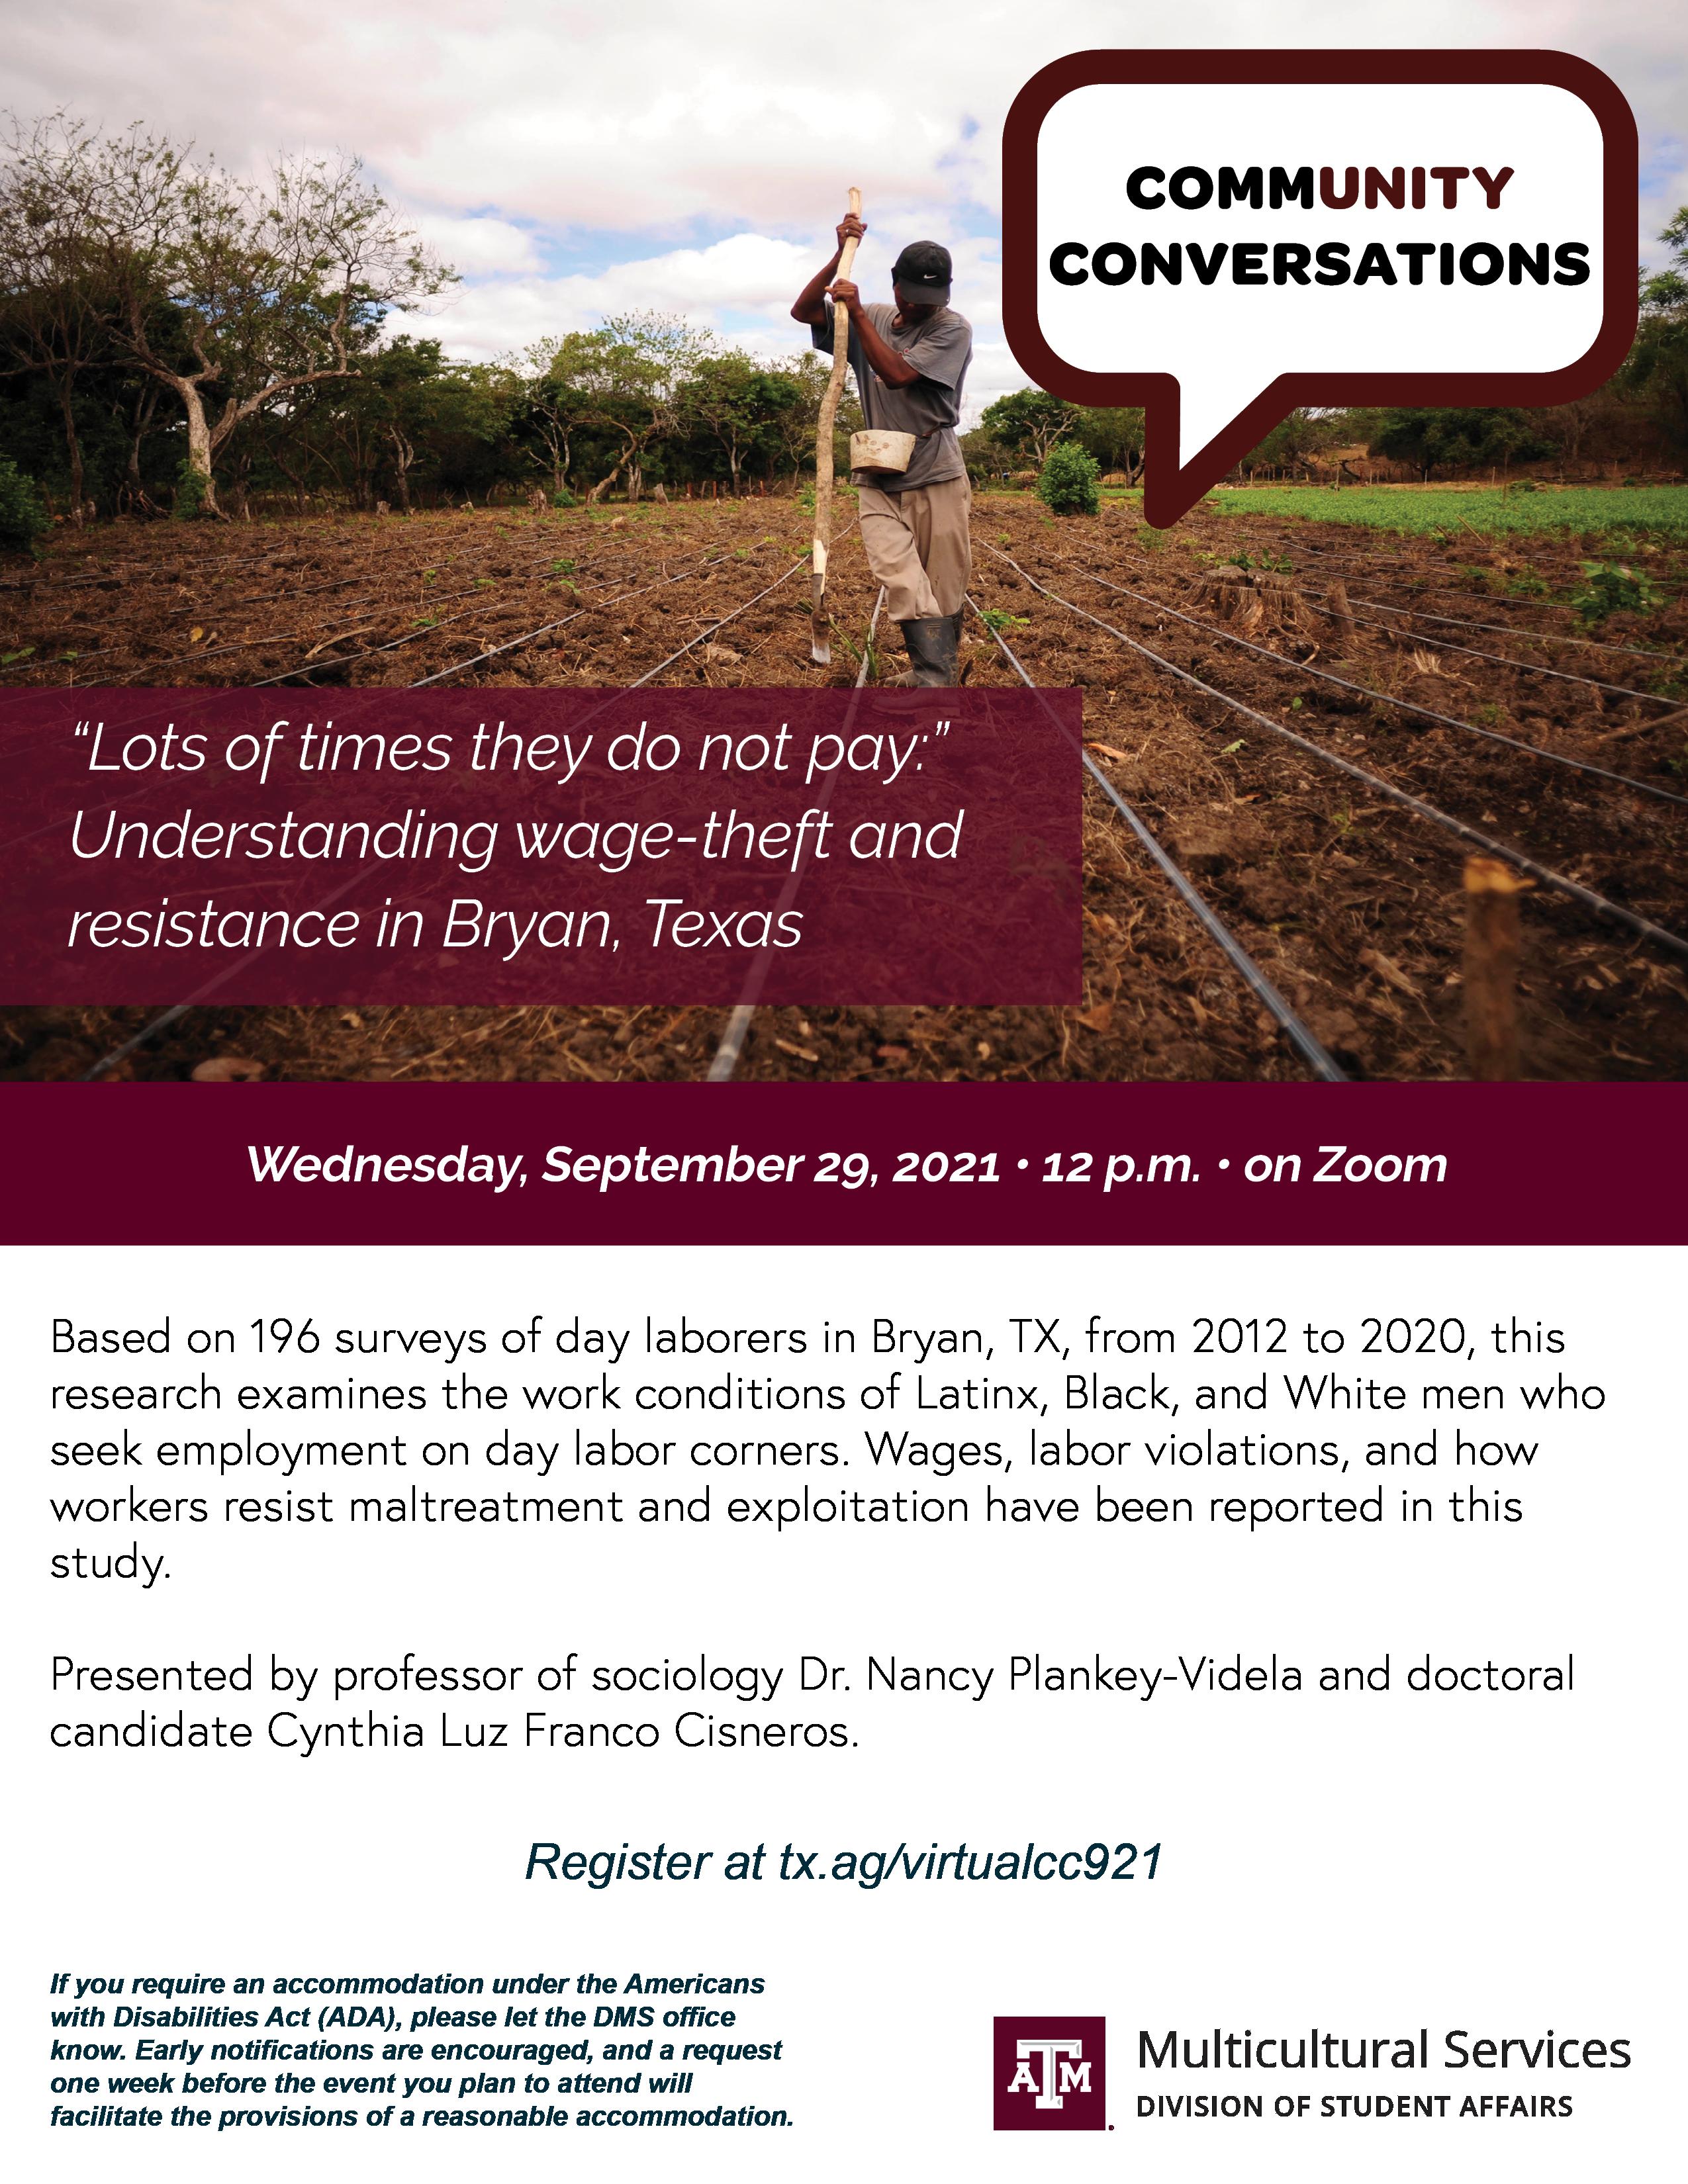 CommunityConversations_September2021